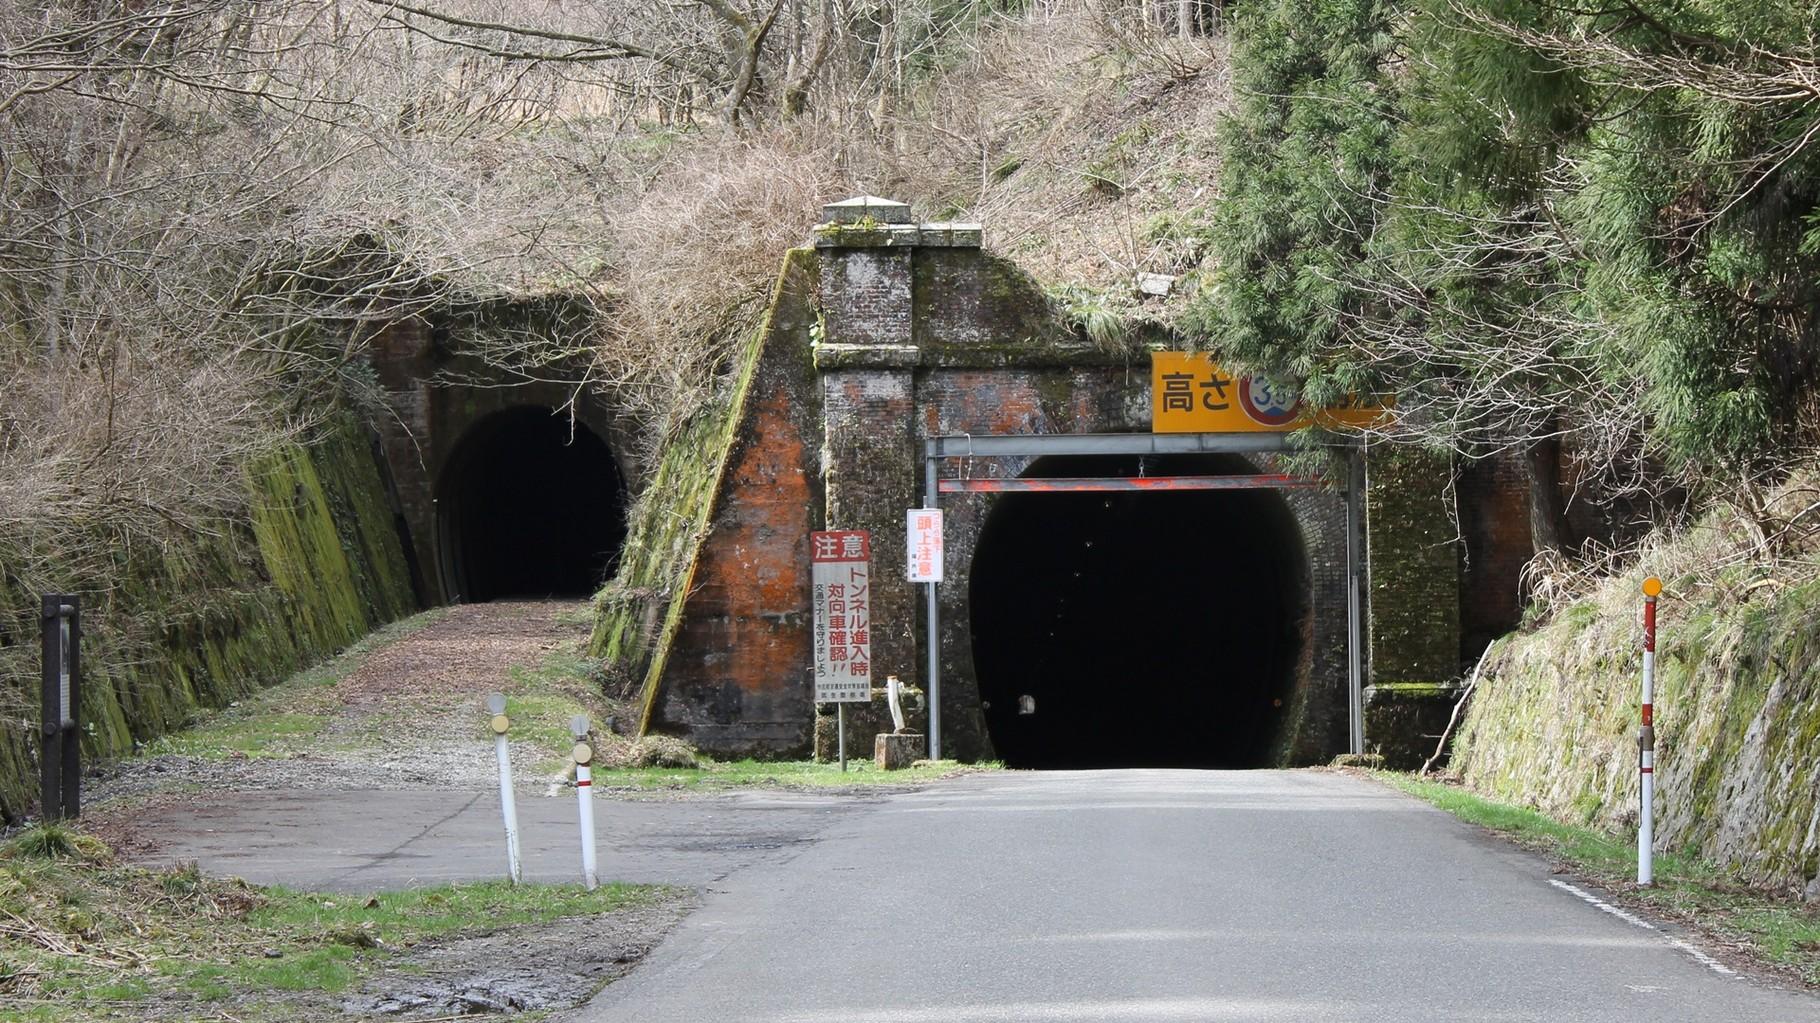 右が山中トンネル。左は、山中信号所スイッチバック延伸用トンネル(行き止まり)